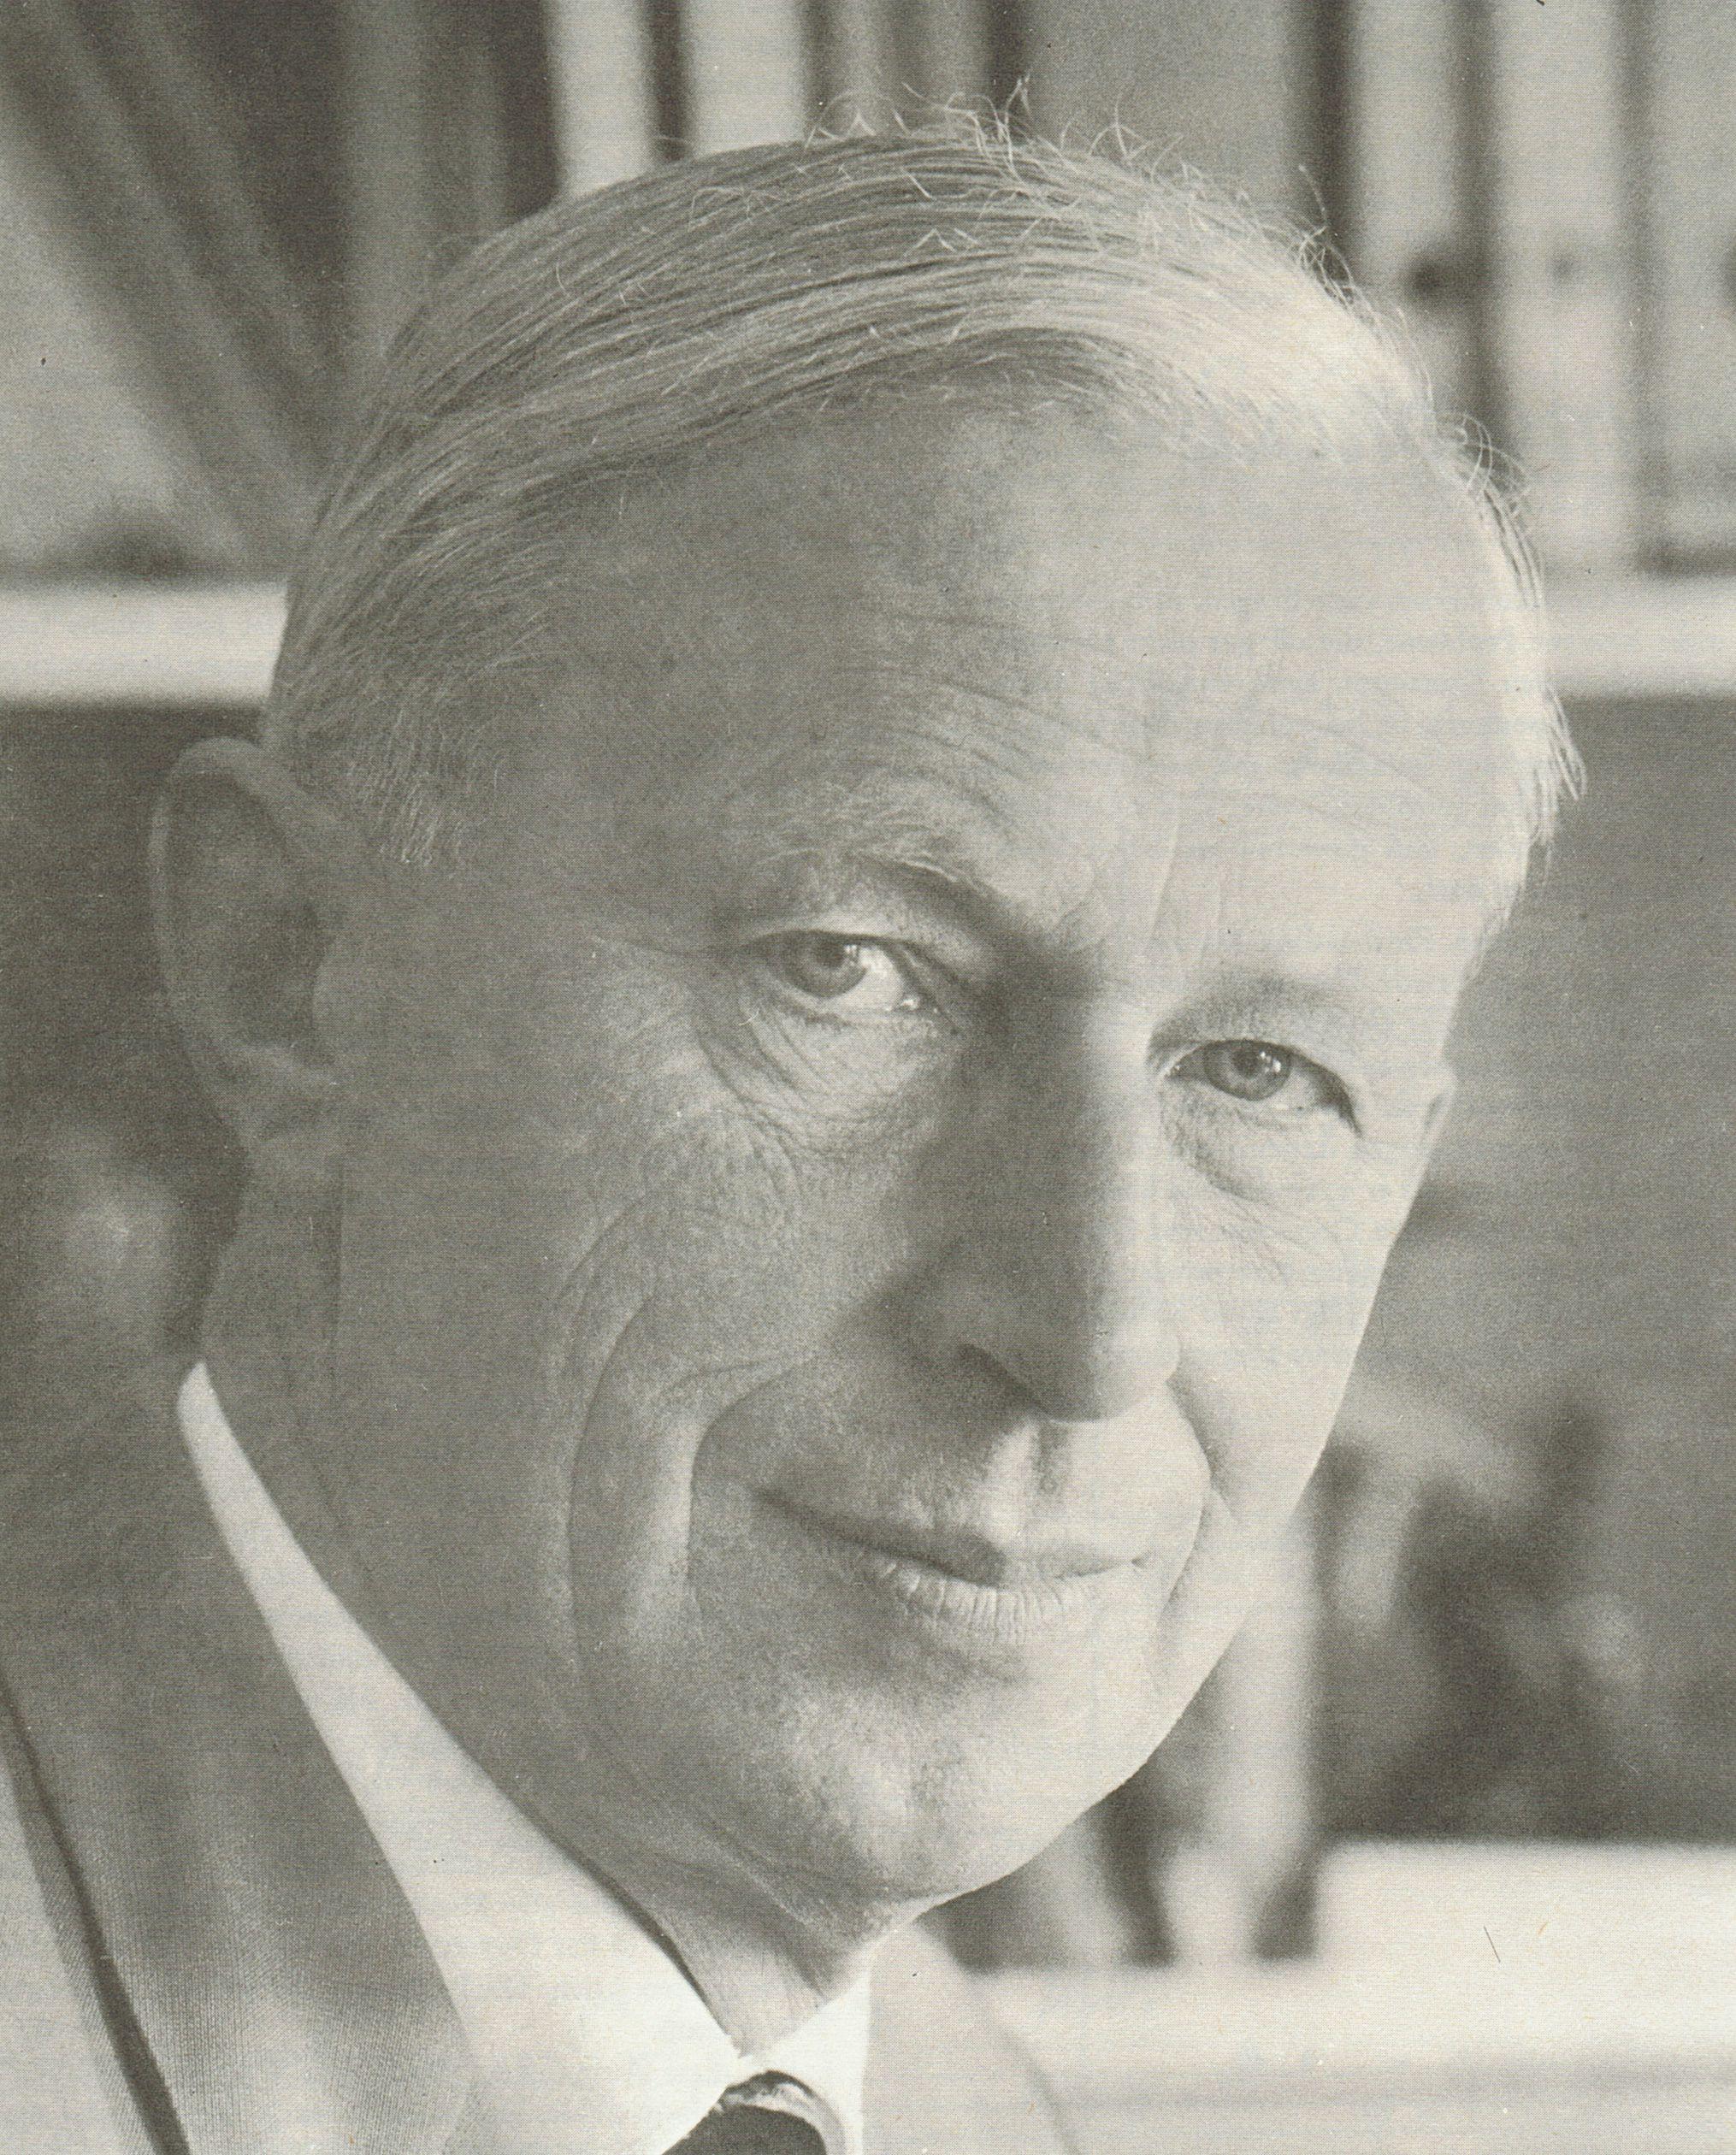 August WENZINGER, un portrait fait par Peter MOESCHLIN, Basel, probablement début des années 1960, publié entre autres dans le coffret DG Archive Production SAPM 198386